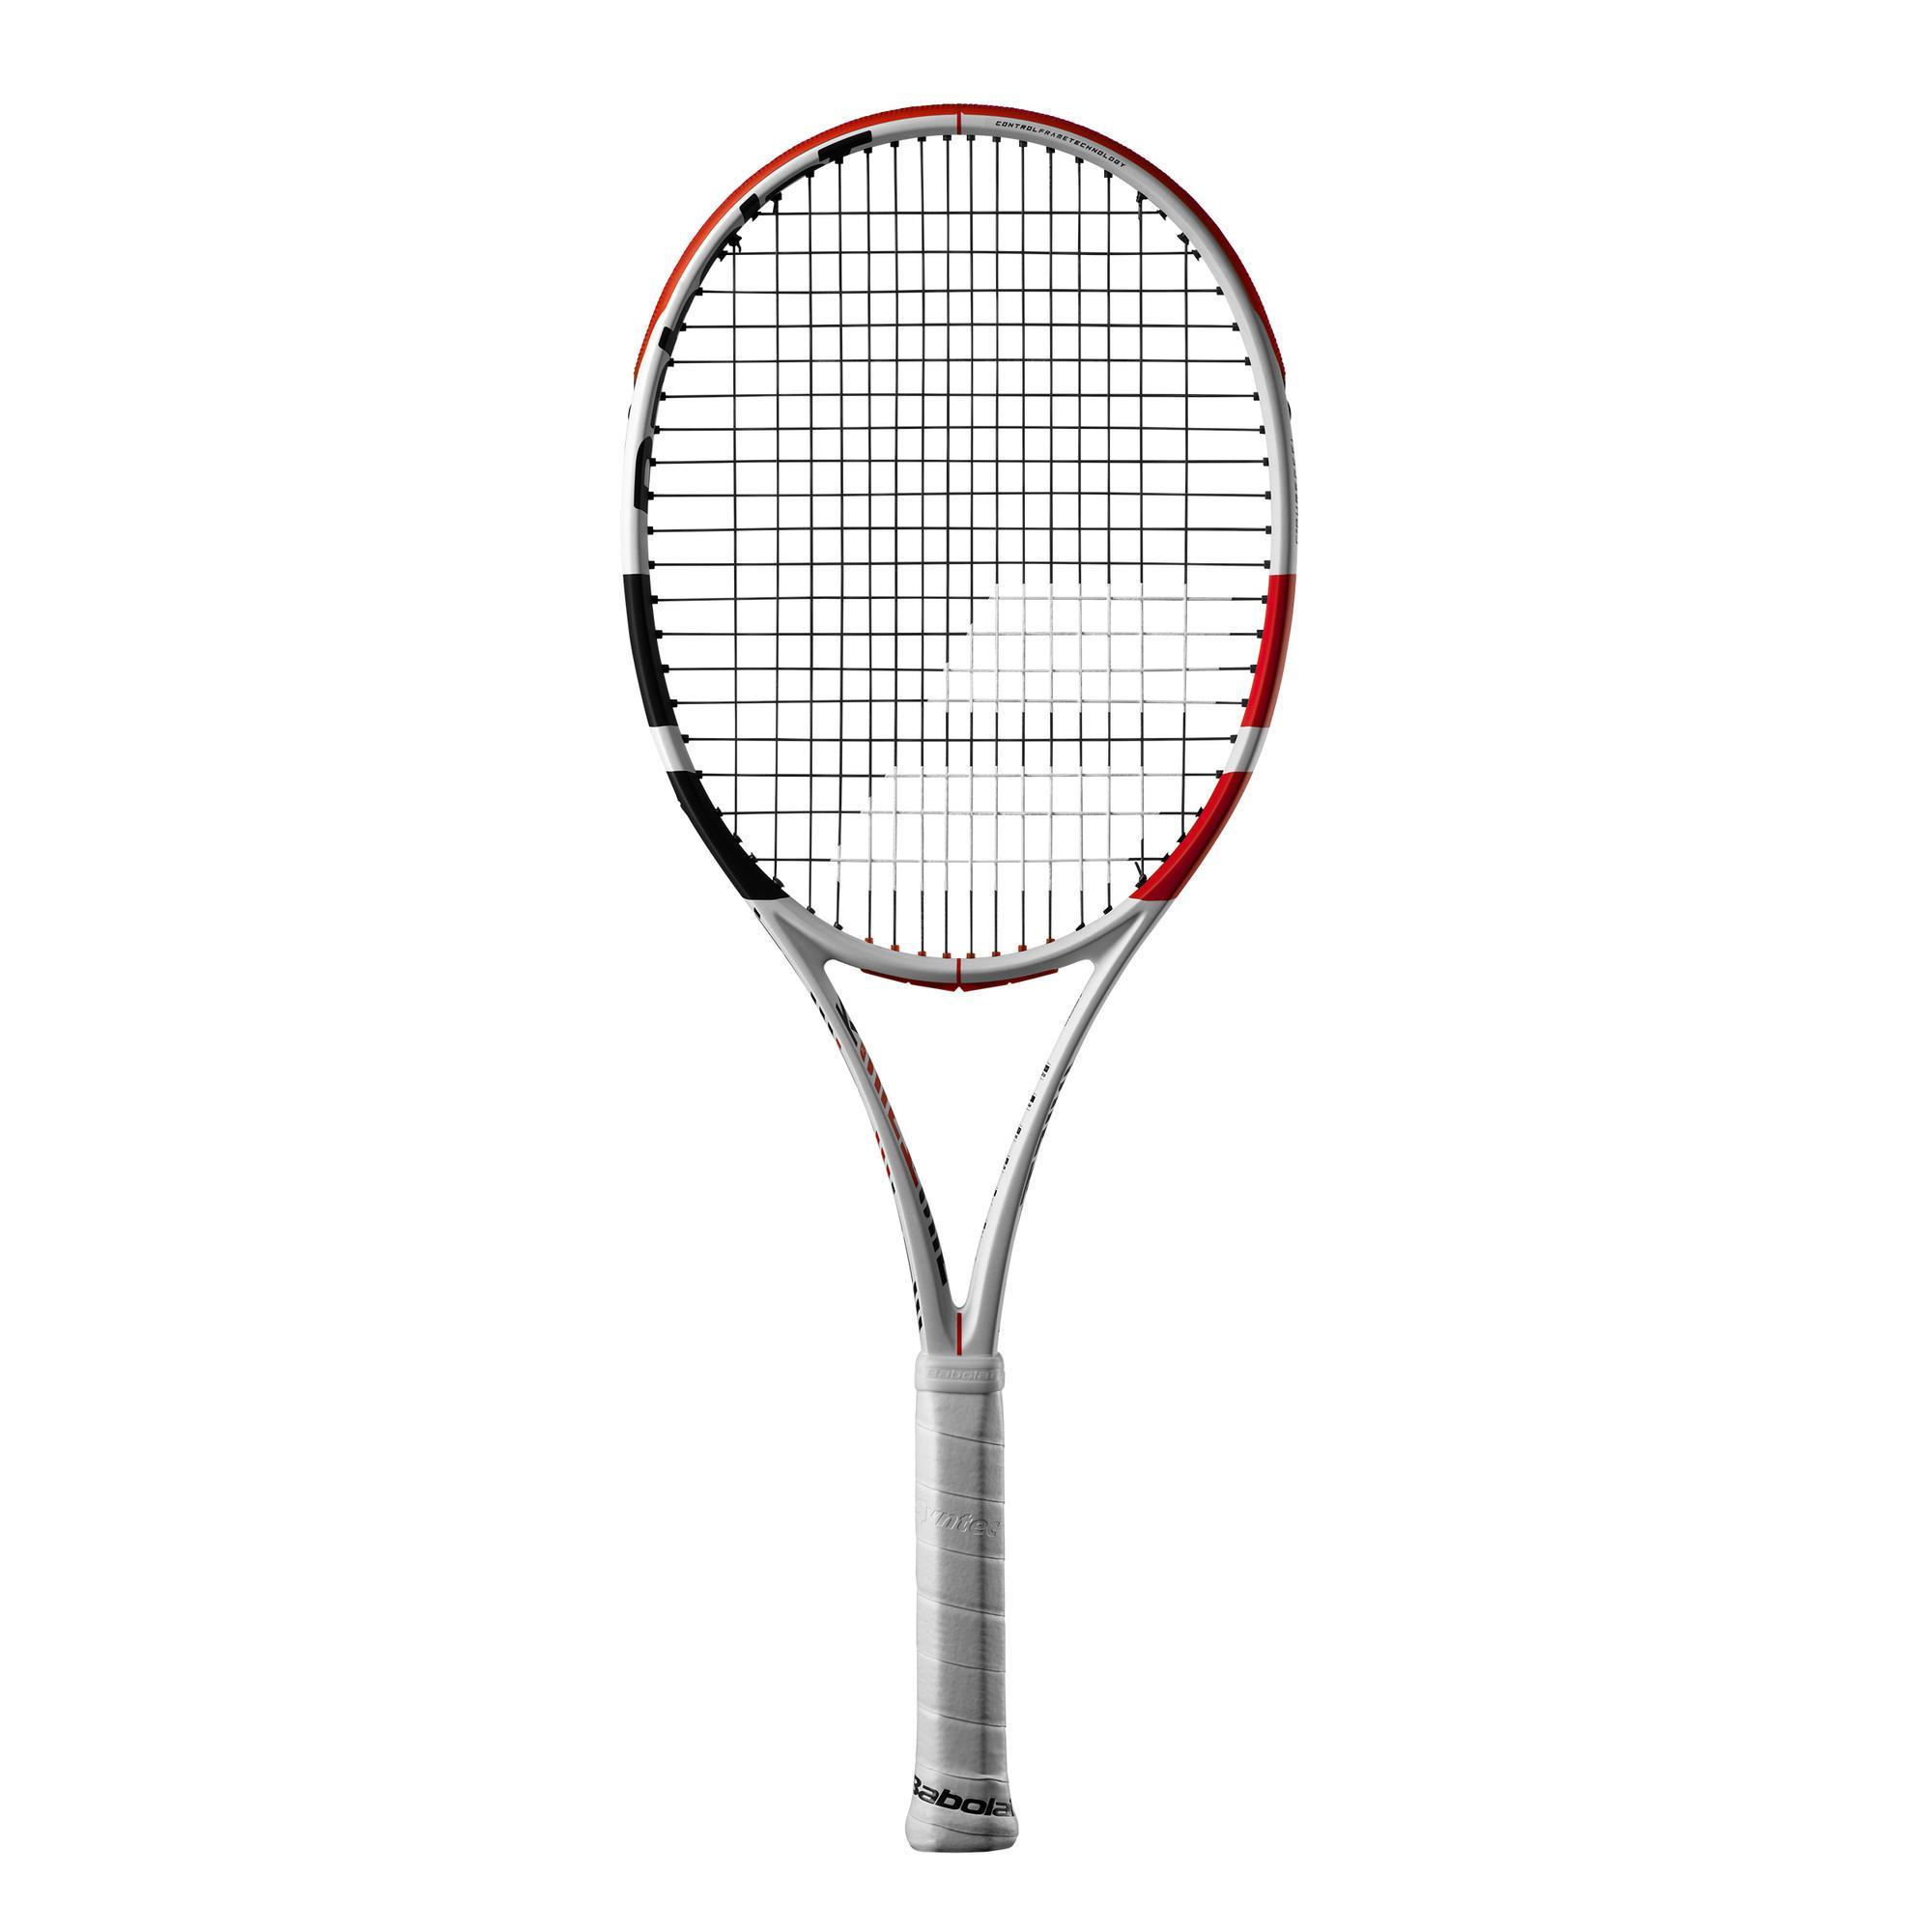 Raquette de tennis adulte pure strike 100 blanc rouge babolat